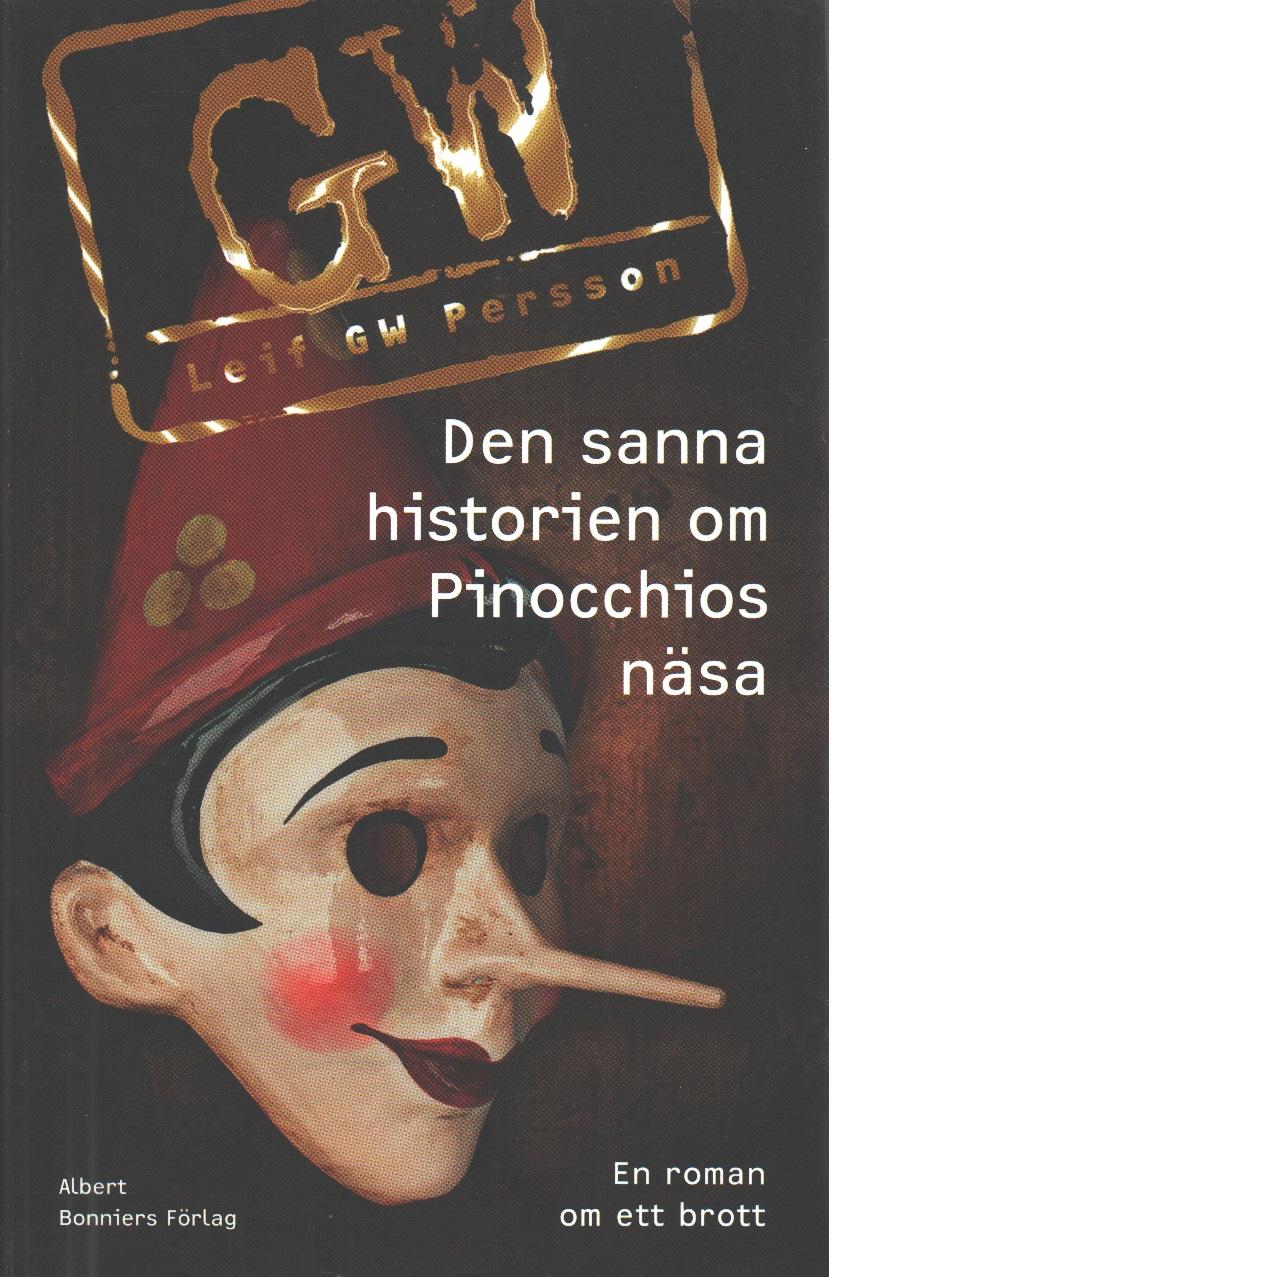 Den sanna historien om Pinocchios näsa - Persson, Leif G. W.